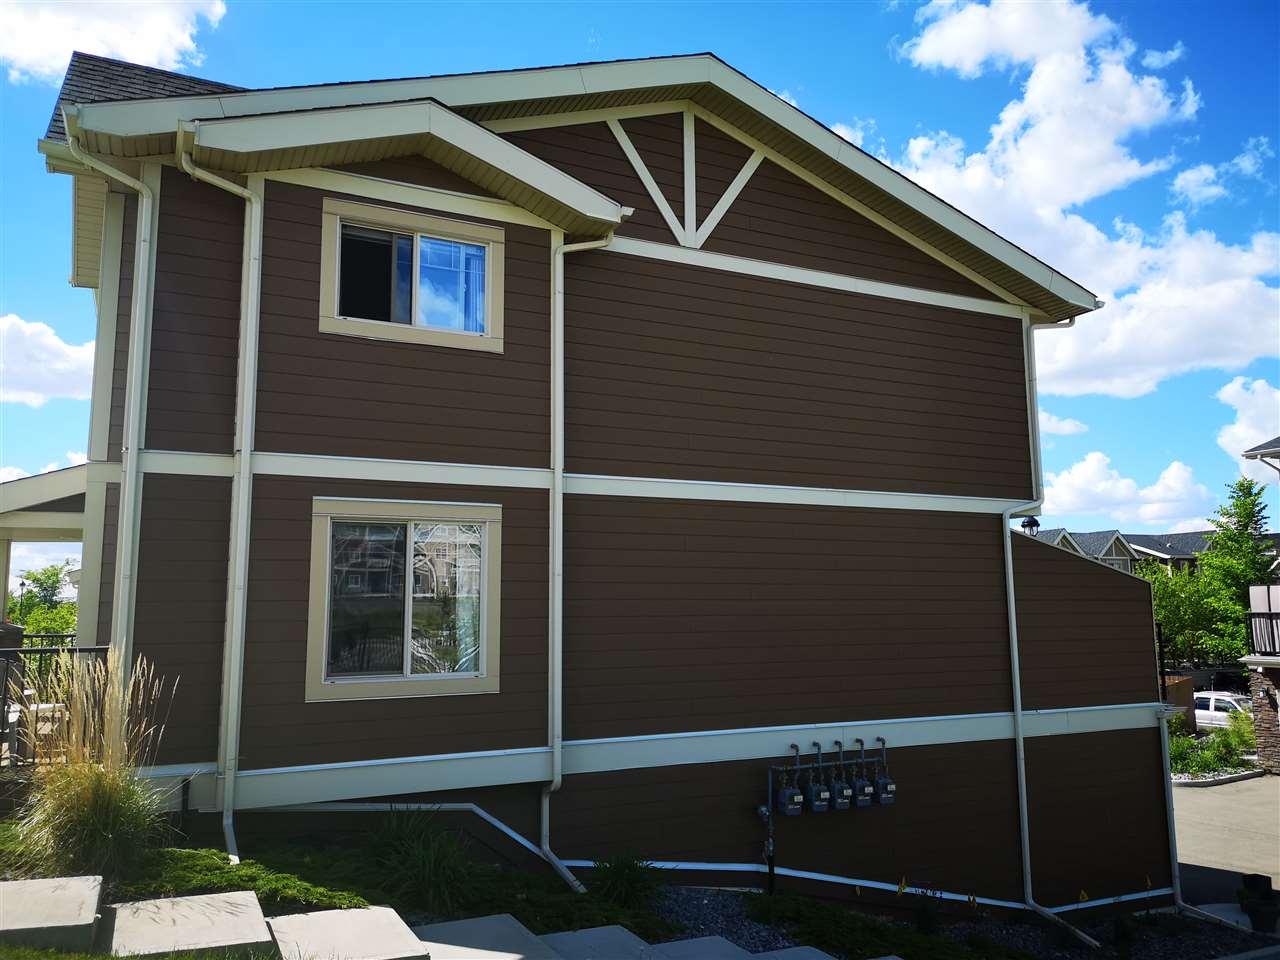 405 401 Palisades Way, Sherwood Park, MLS® # E4147023